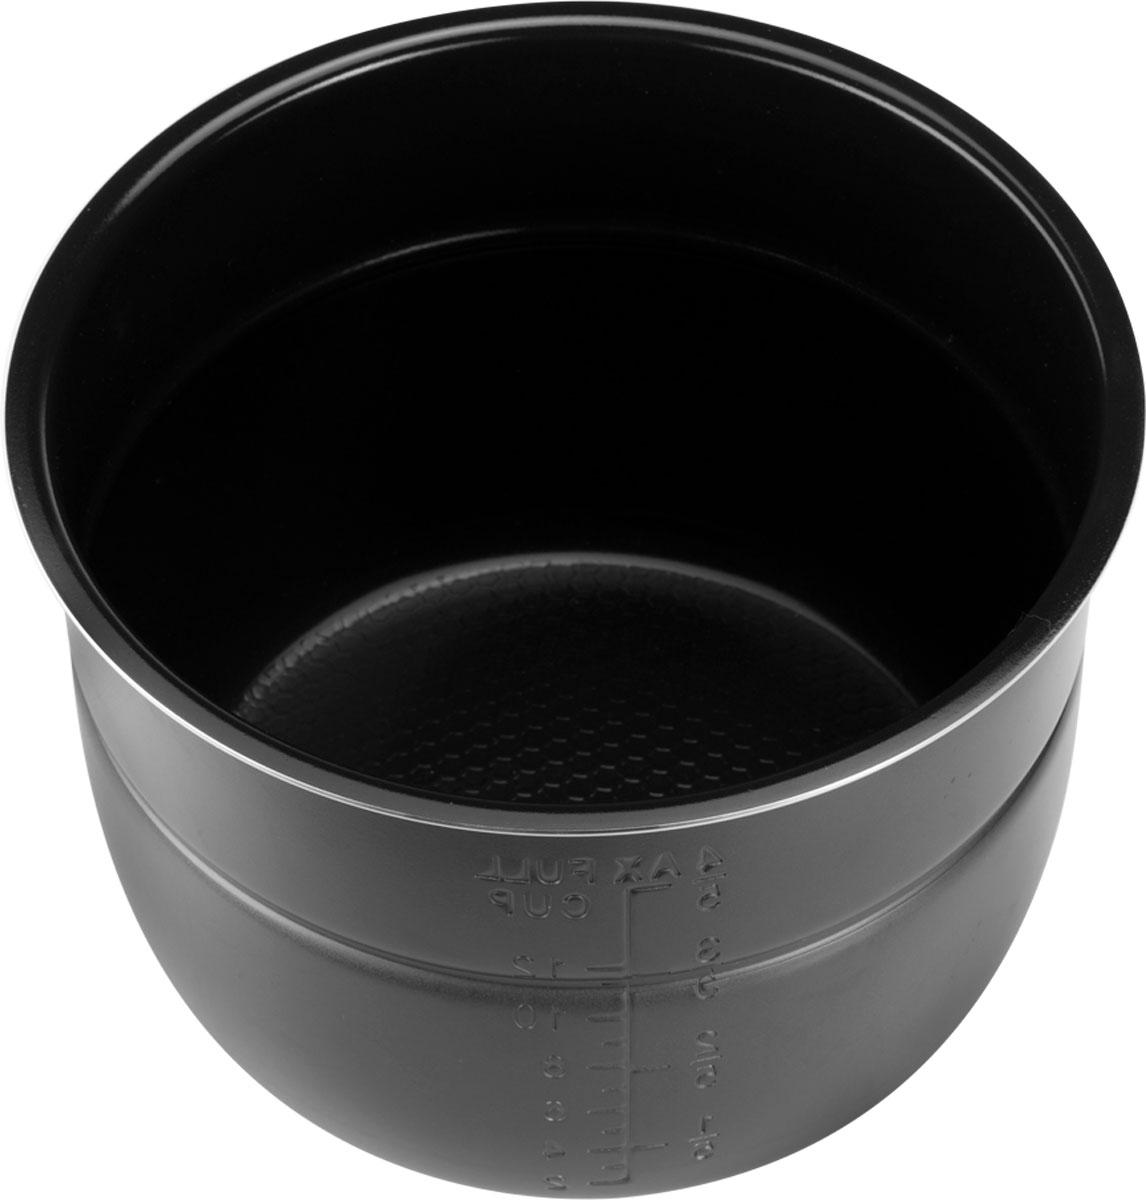 Unit USP-B61 чаша для скороваркиCE-0268729Unit USP-B61 - дополнительная чаша для скороварки объемом 6 л, которая позволяет приготовить различные блюда без добавления масла или жира. Чаша имеет керамическое антипригарное покрытие. Она выдерживает высокие температуры без ущерба для своих технических и качественных характеристик. Для вашего удобства внутри чаши предусмотрена мерная шкала. В комплект с чашей идет пластиковая крышка.Уважаемые клиенты!Обращаем ваше внимание на тот факт, что объем чаши указан максимальный, с учетом полного наполнения до кромки. Шкала на внутренней стенке чаши имеет меньший объем.